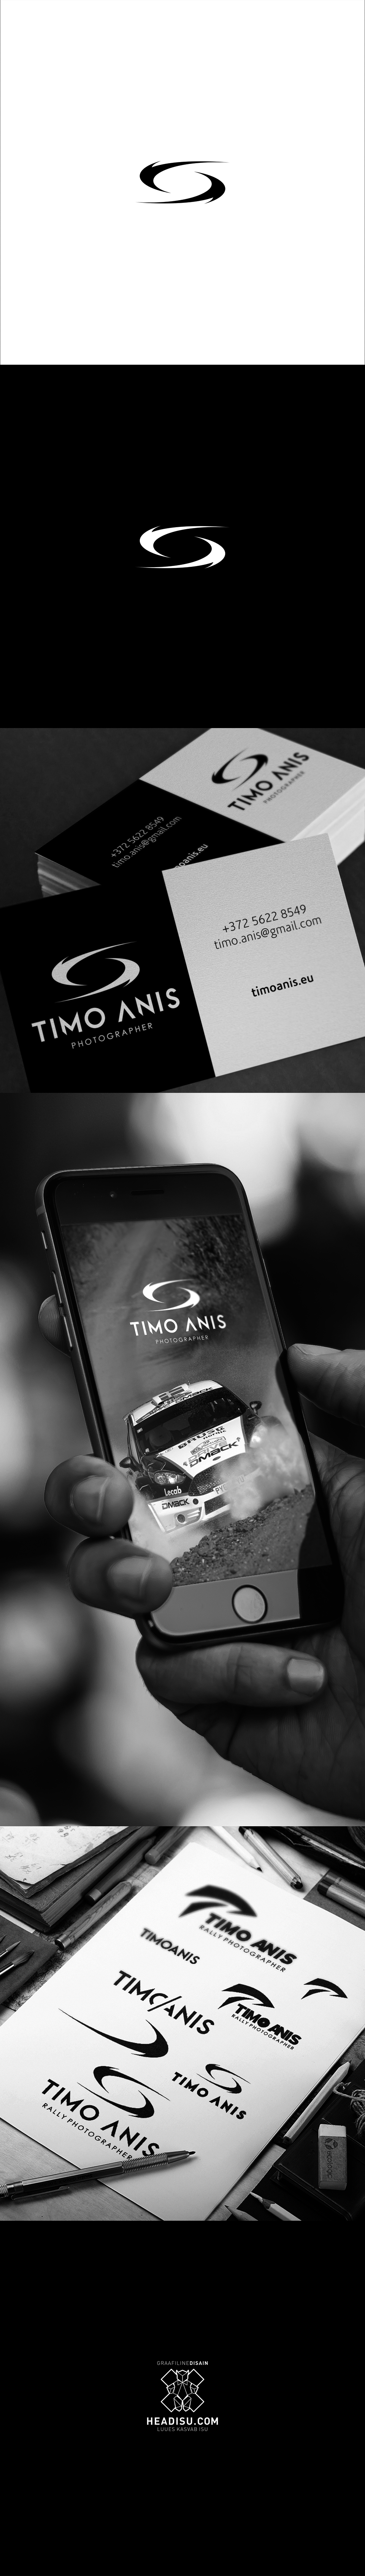 logo-timoanis-2